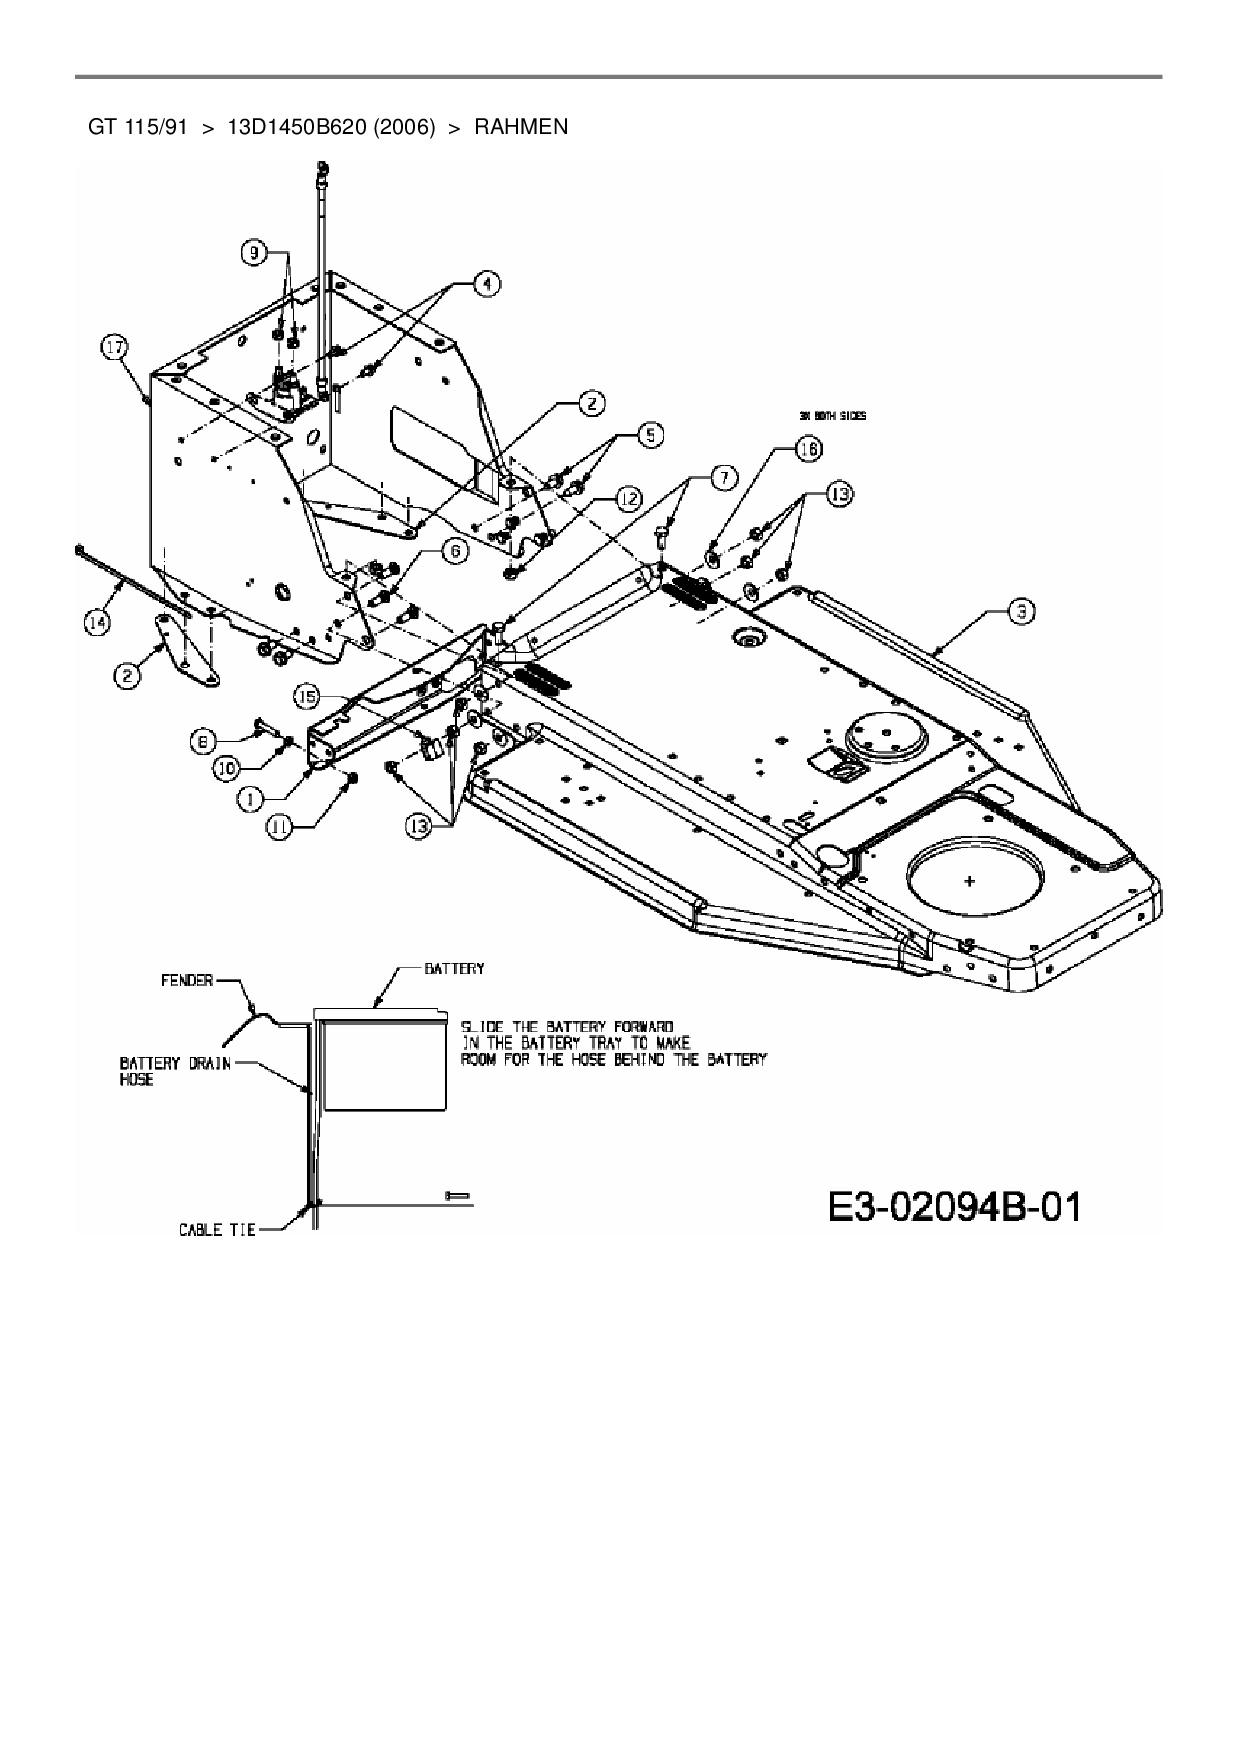 Ersatzteile von MTD Rasentraktor GT 115/91 aus der Zeichnung Rahmen